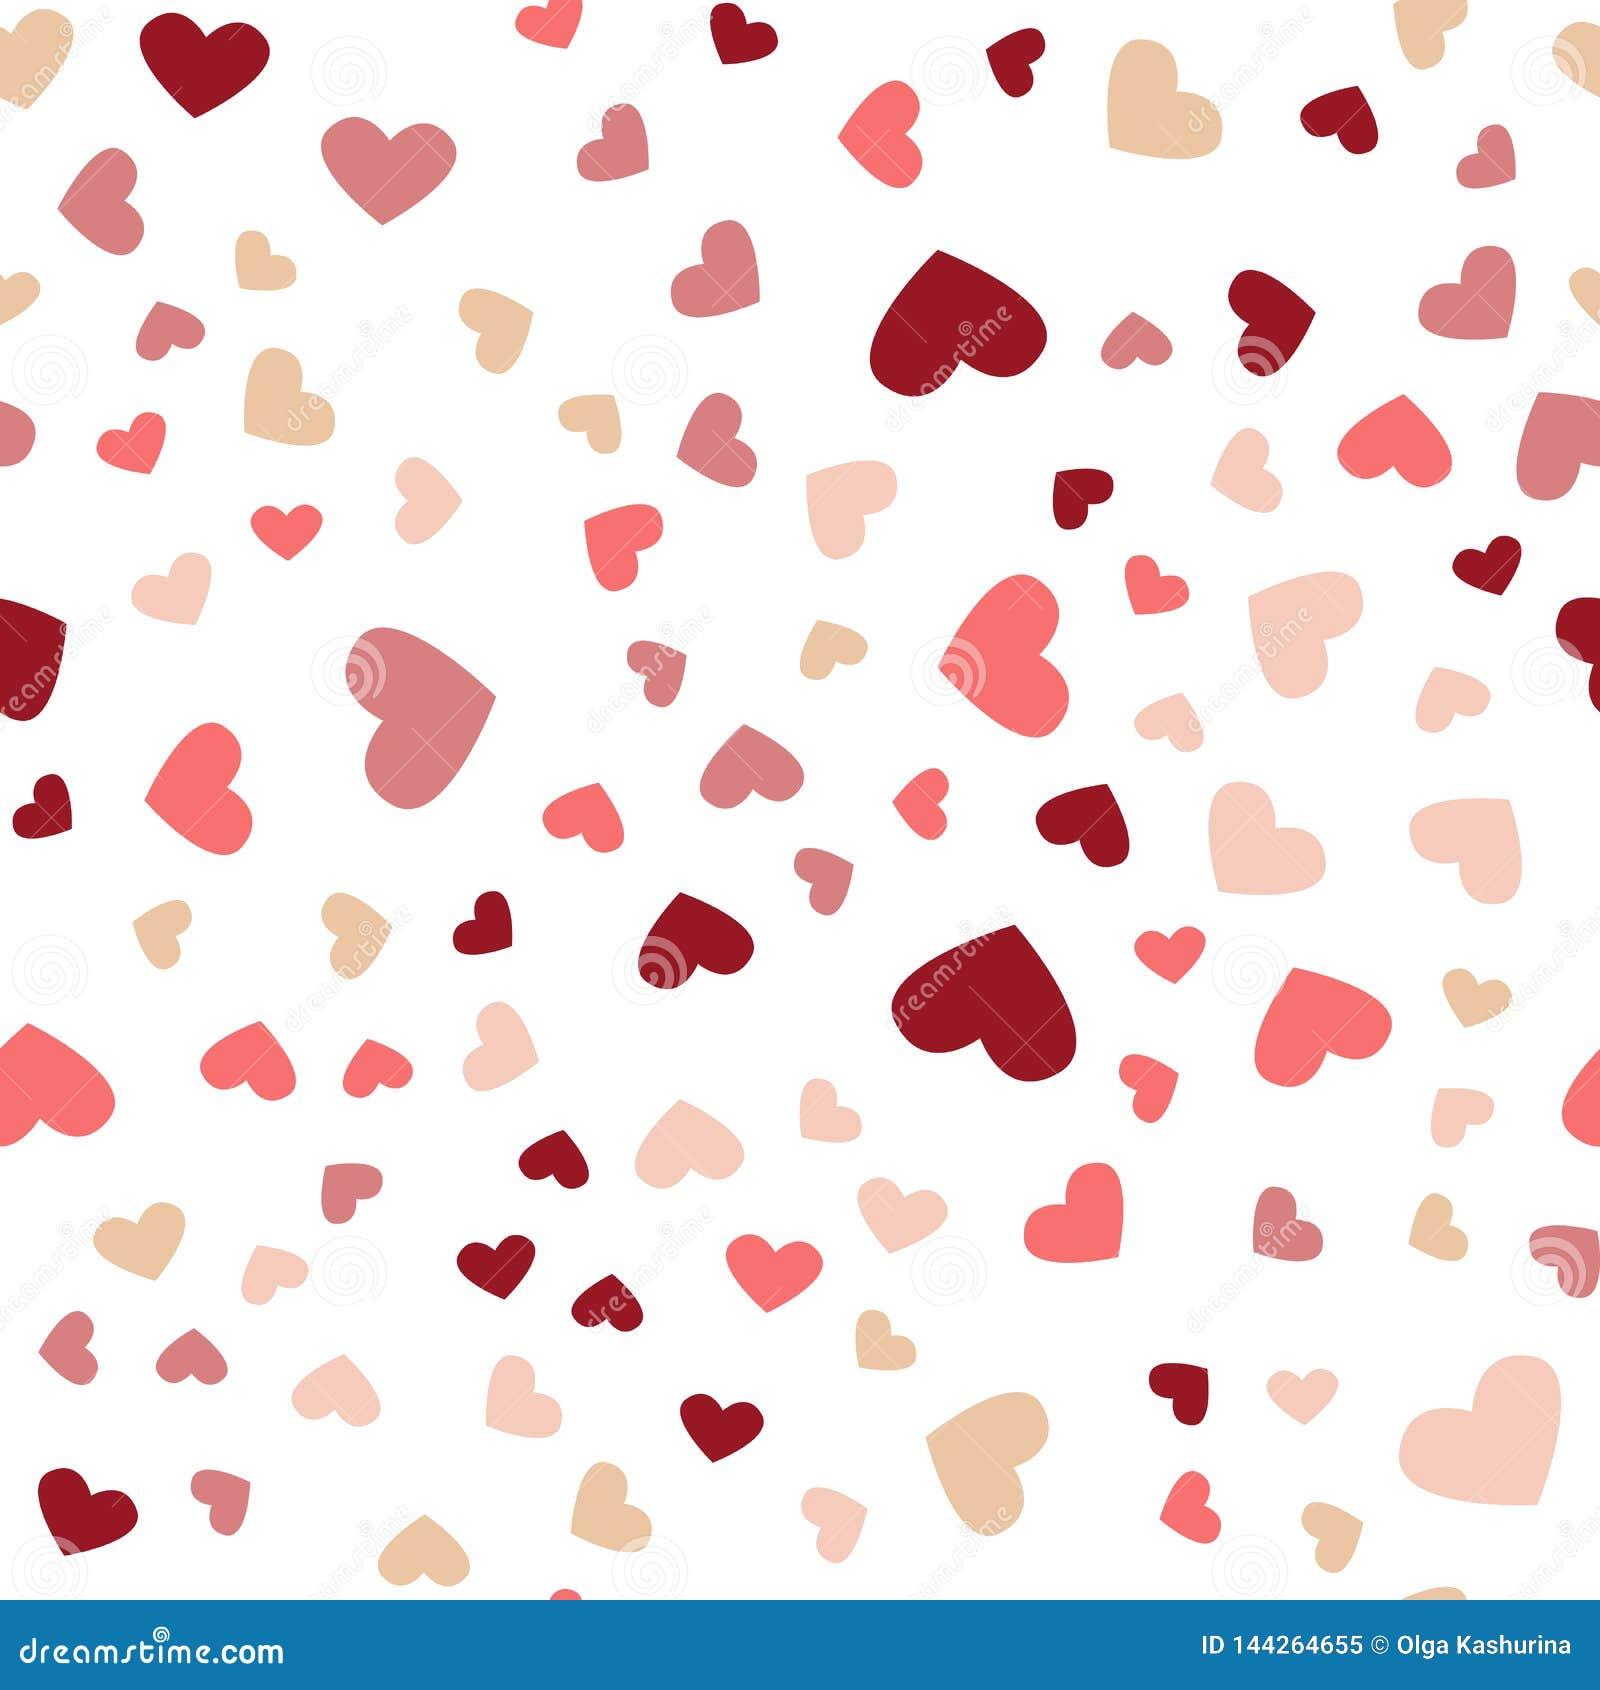 Sch?nes Konfetti-Herz-Fallen Gru?karte, Plakat Farbige Herzkonfettis f?r die Feiertage der Frauen